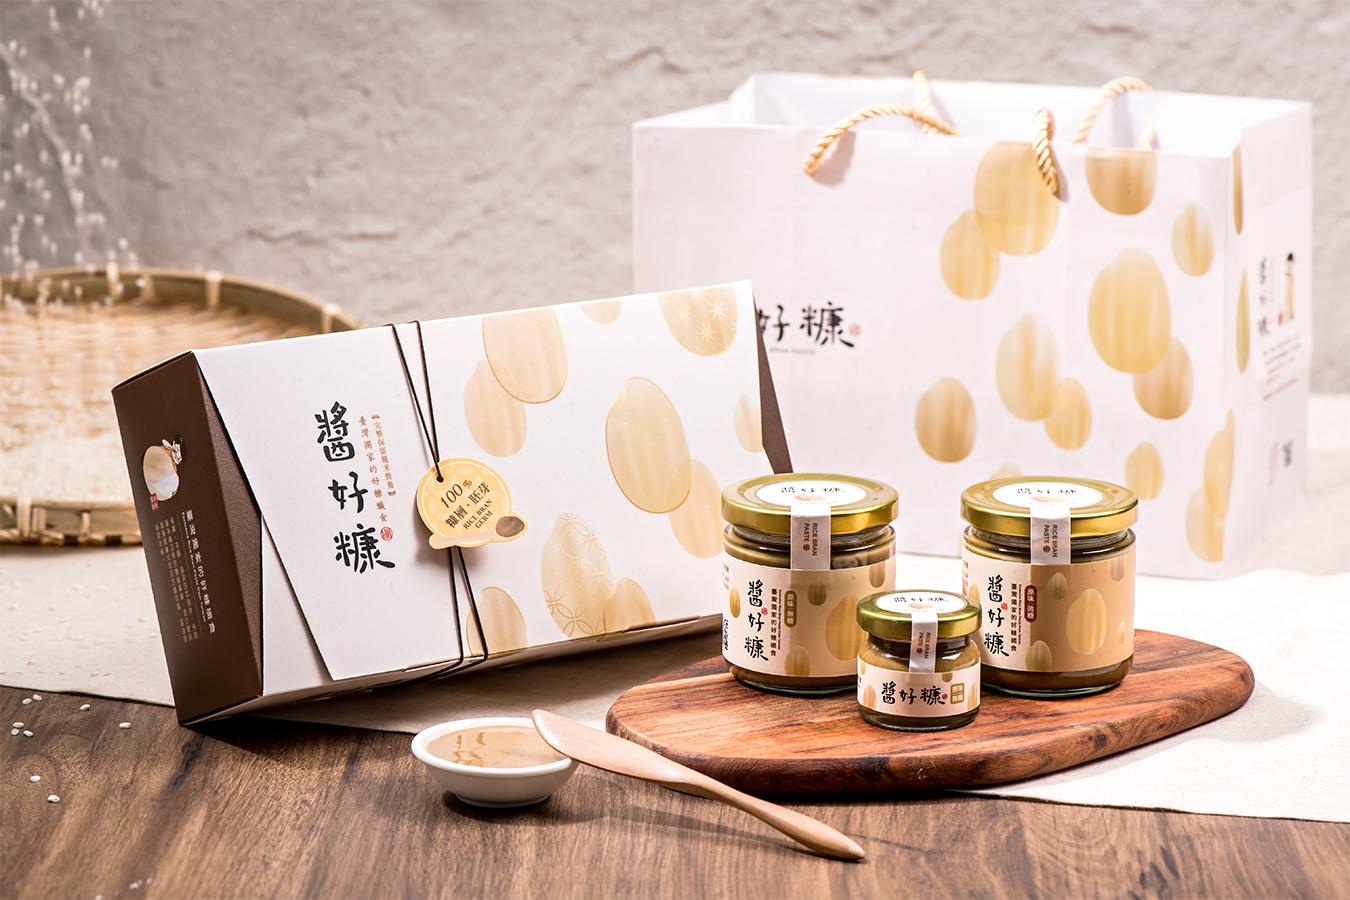 米糠米麩如何走向精緻化禮贈市場? ─ 醬好糠